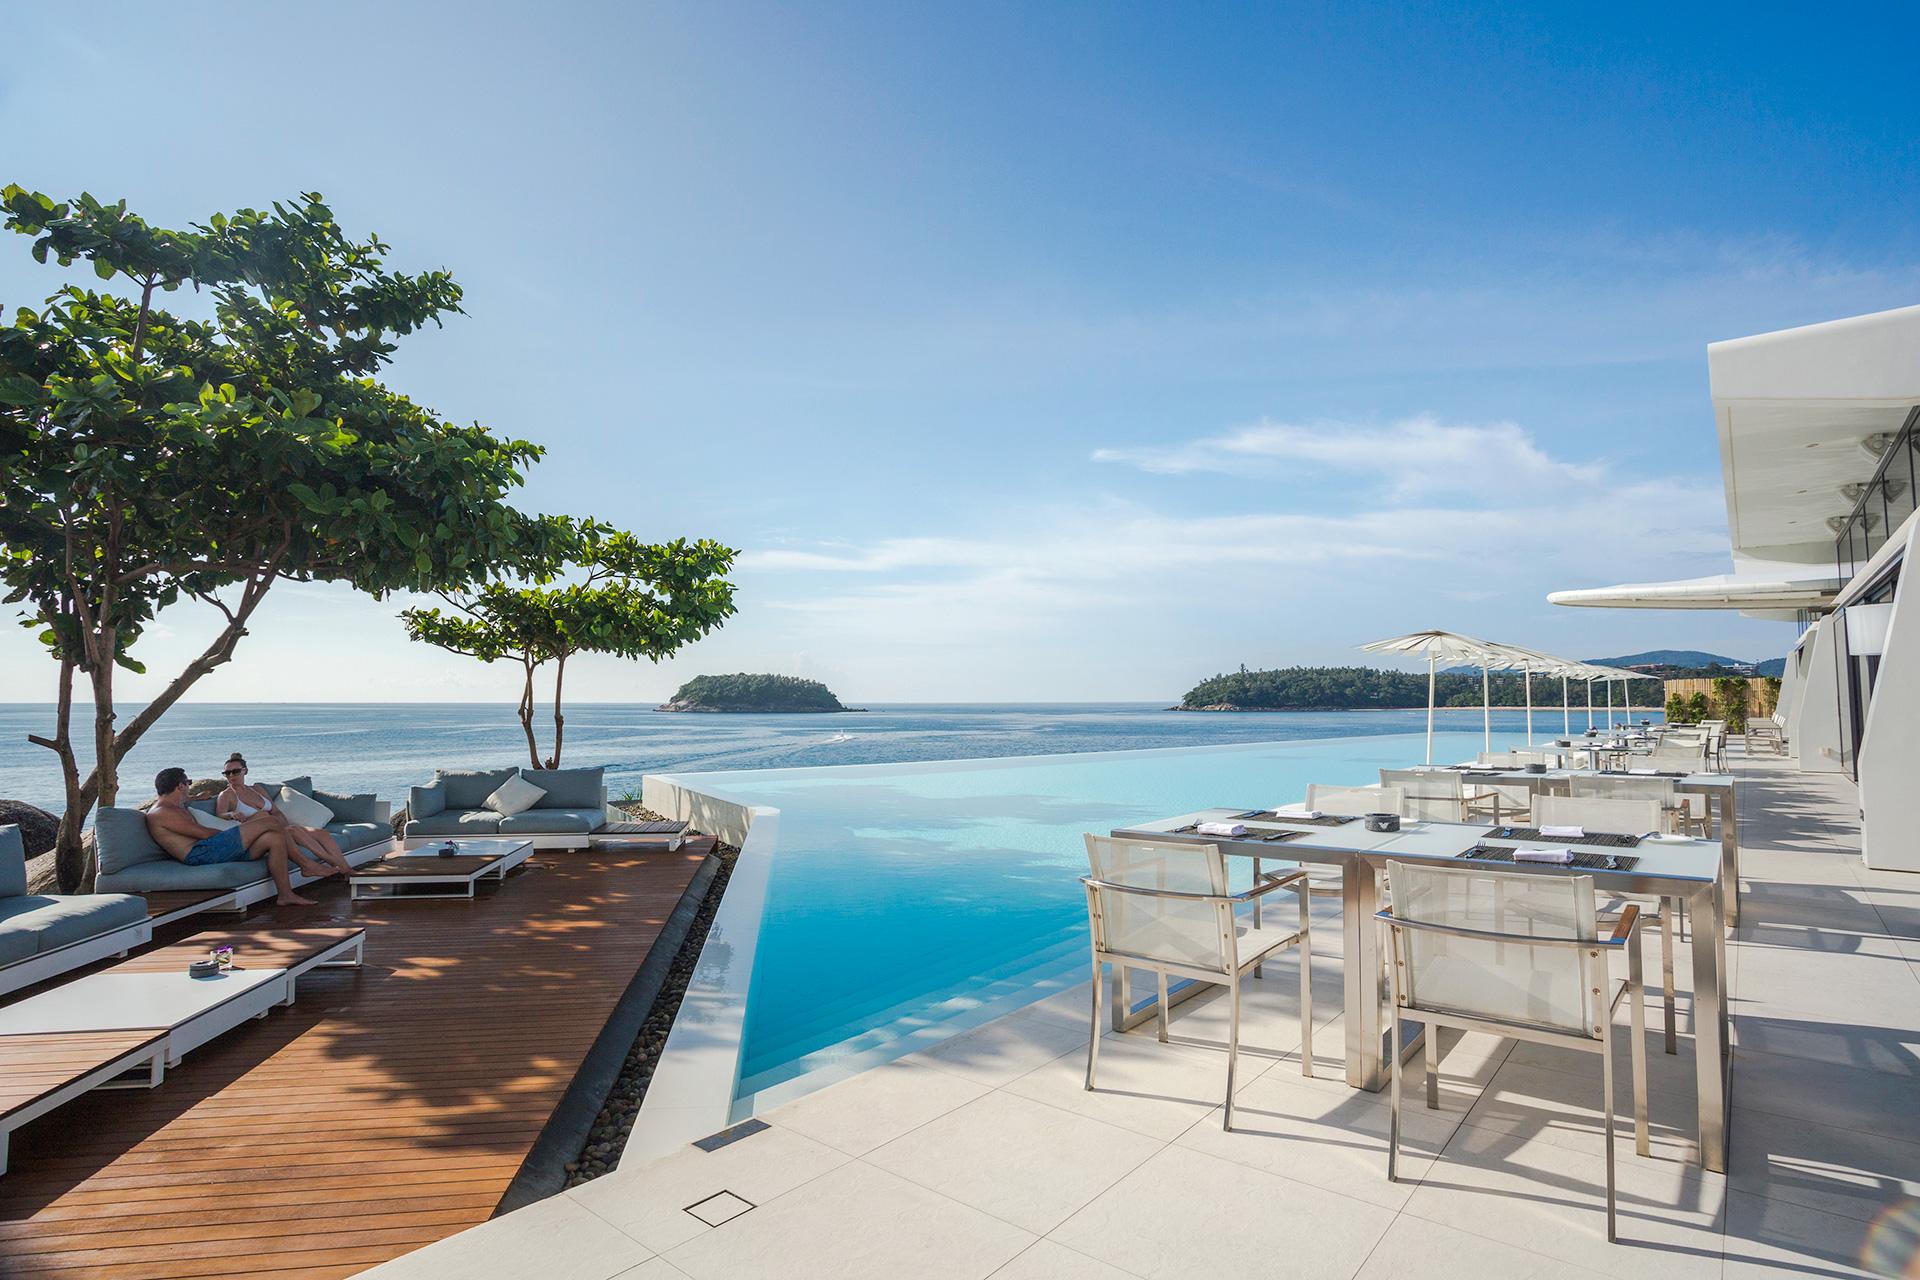 Best sunset and romantic restaurant in Phuket